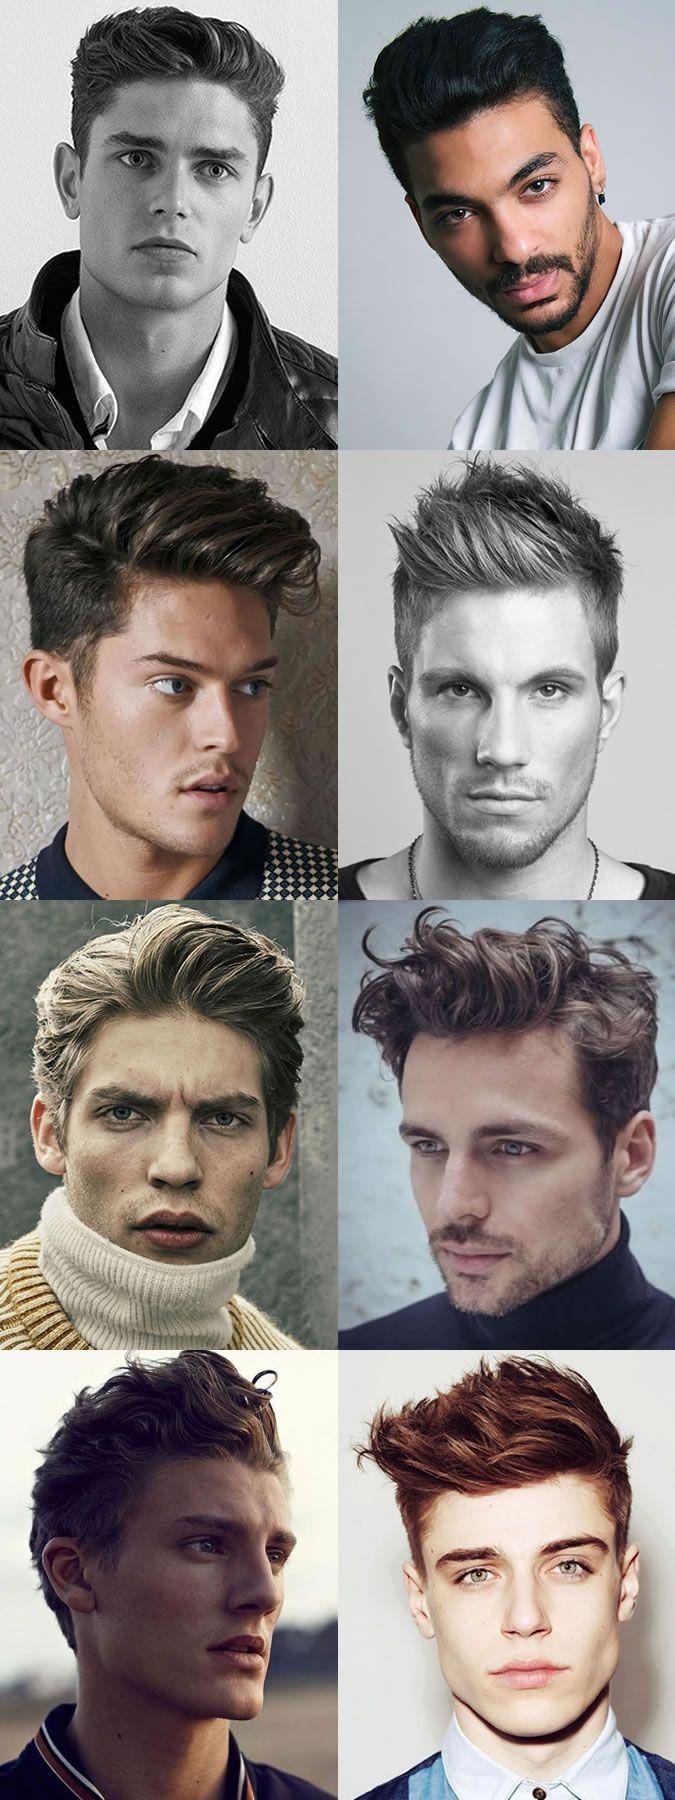 Men's Hairstyle Trends 2016 - Textured Quiffs